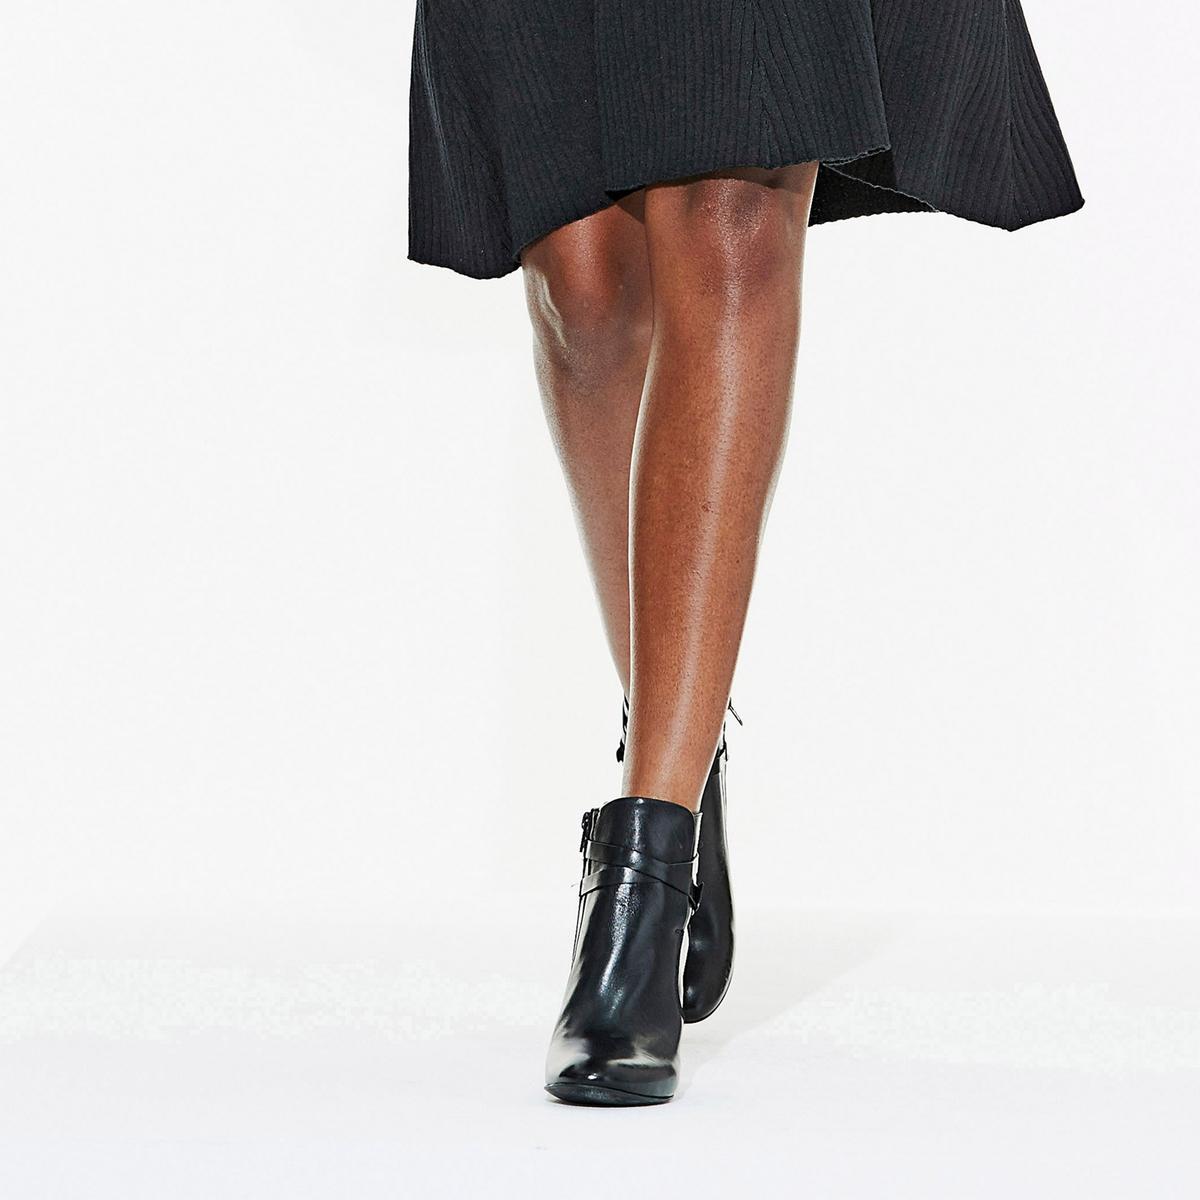 Ботильоны кожаные на каблуке с перекрещивающимися ремешкамиОписание:Детали •  Высота голенища : 10 см, размер 37  •  Высота каблука : 9 см •  Застежка : на молнию •  Круглый мысок •  Гладкая отделкаСостав и уход •  Верх 100% замша •  Подкладка 100% кожа •  Стелька 100% кожа •  Подошва 100% эластомер •  Сделано в Португалии<br><br>Цвет: темно-бежевый,черный<br>Размер: 35.39.40.39.38.37.40